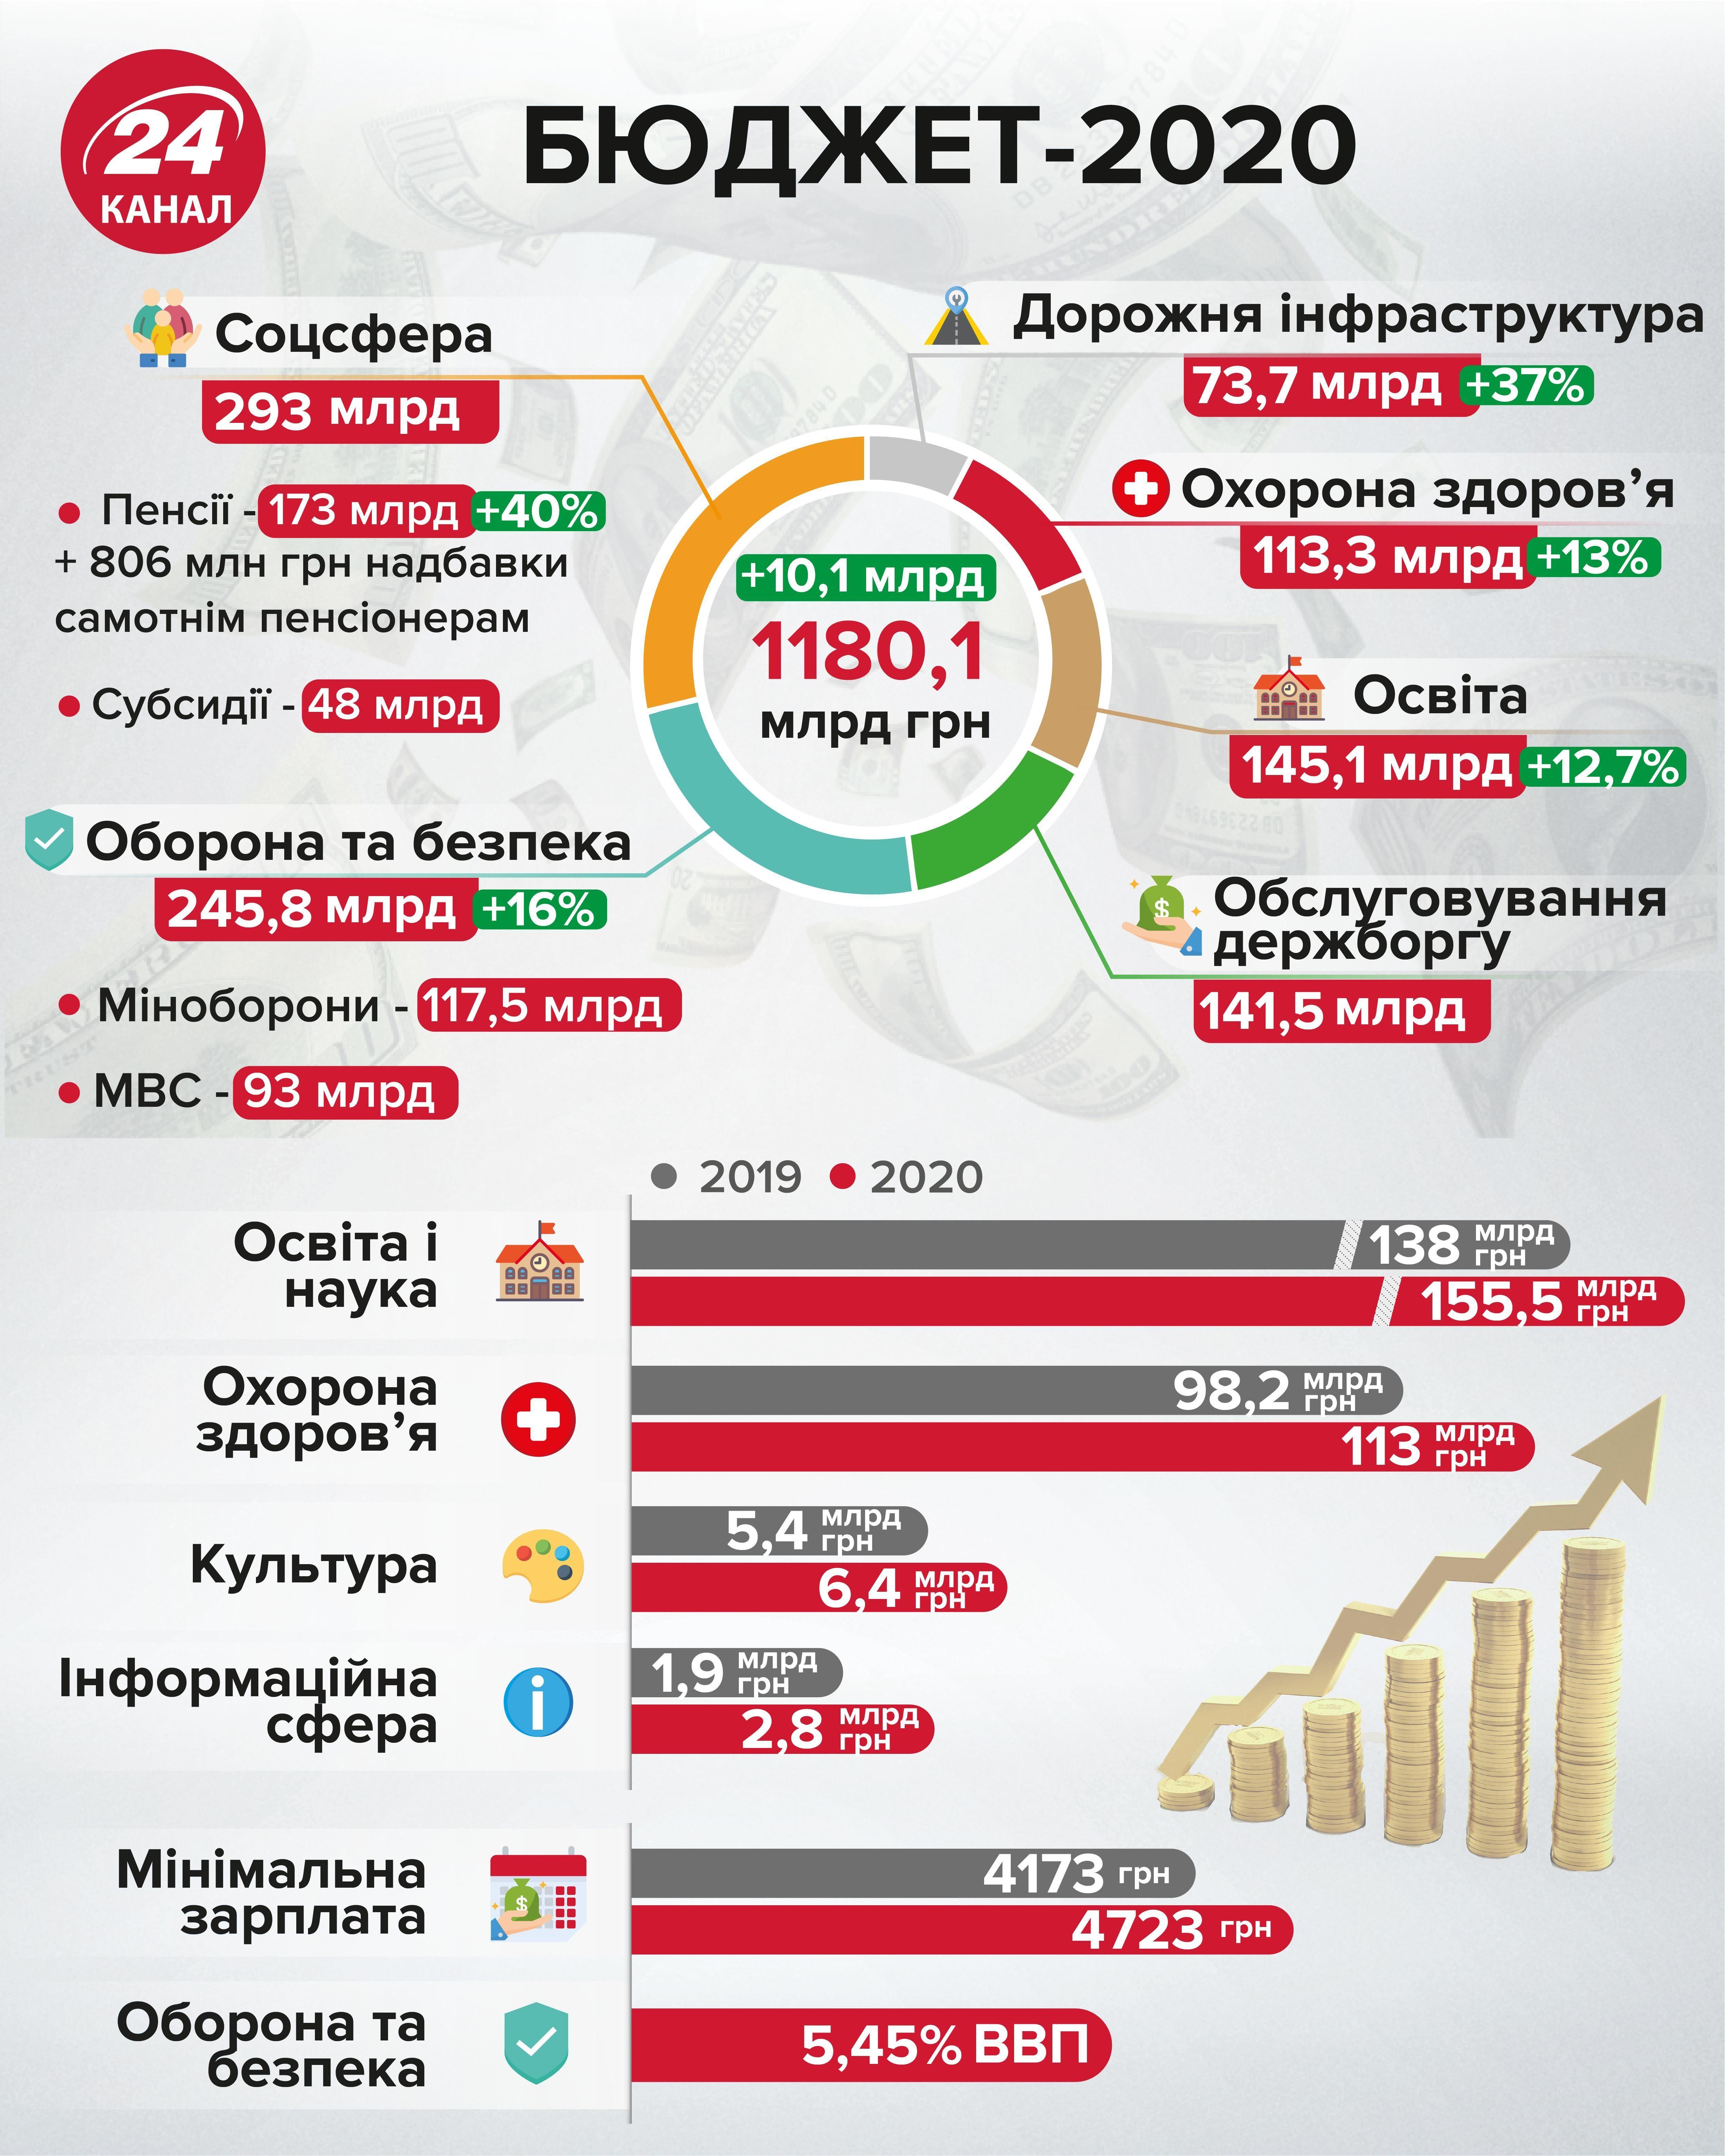 держбюджет 2020 головні цифри бюджет України на 2020 рік